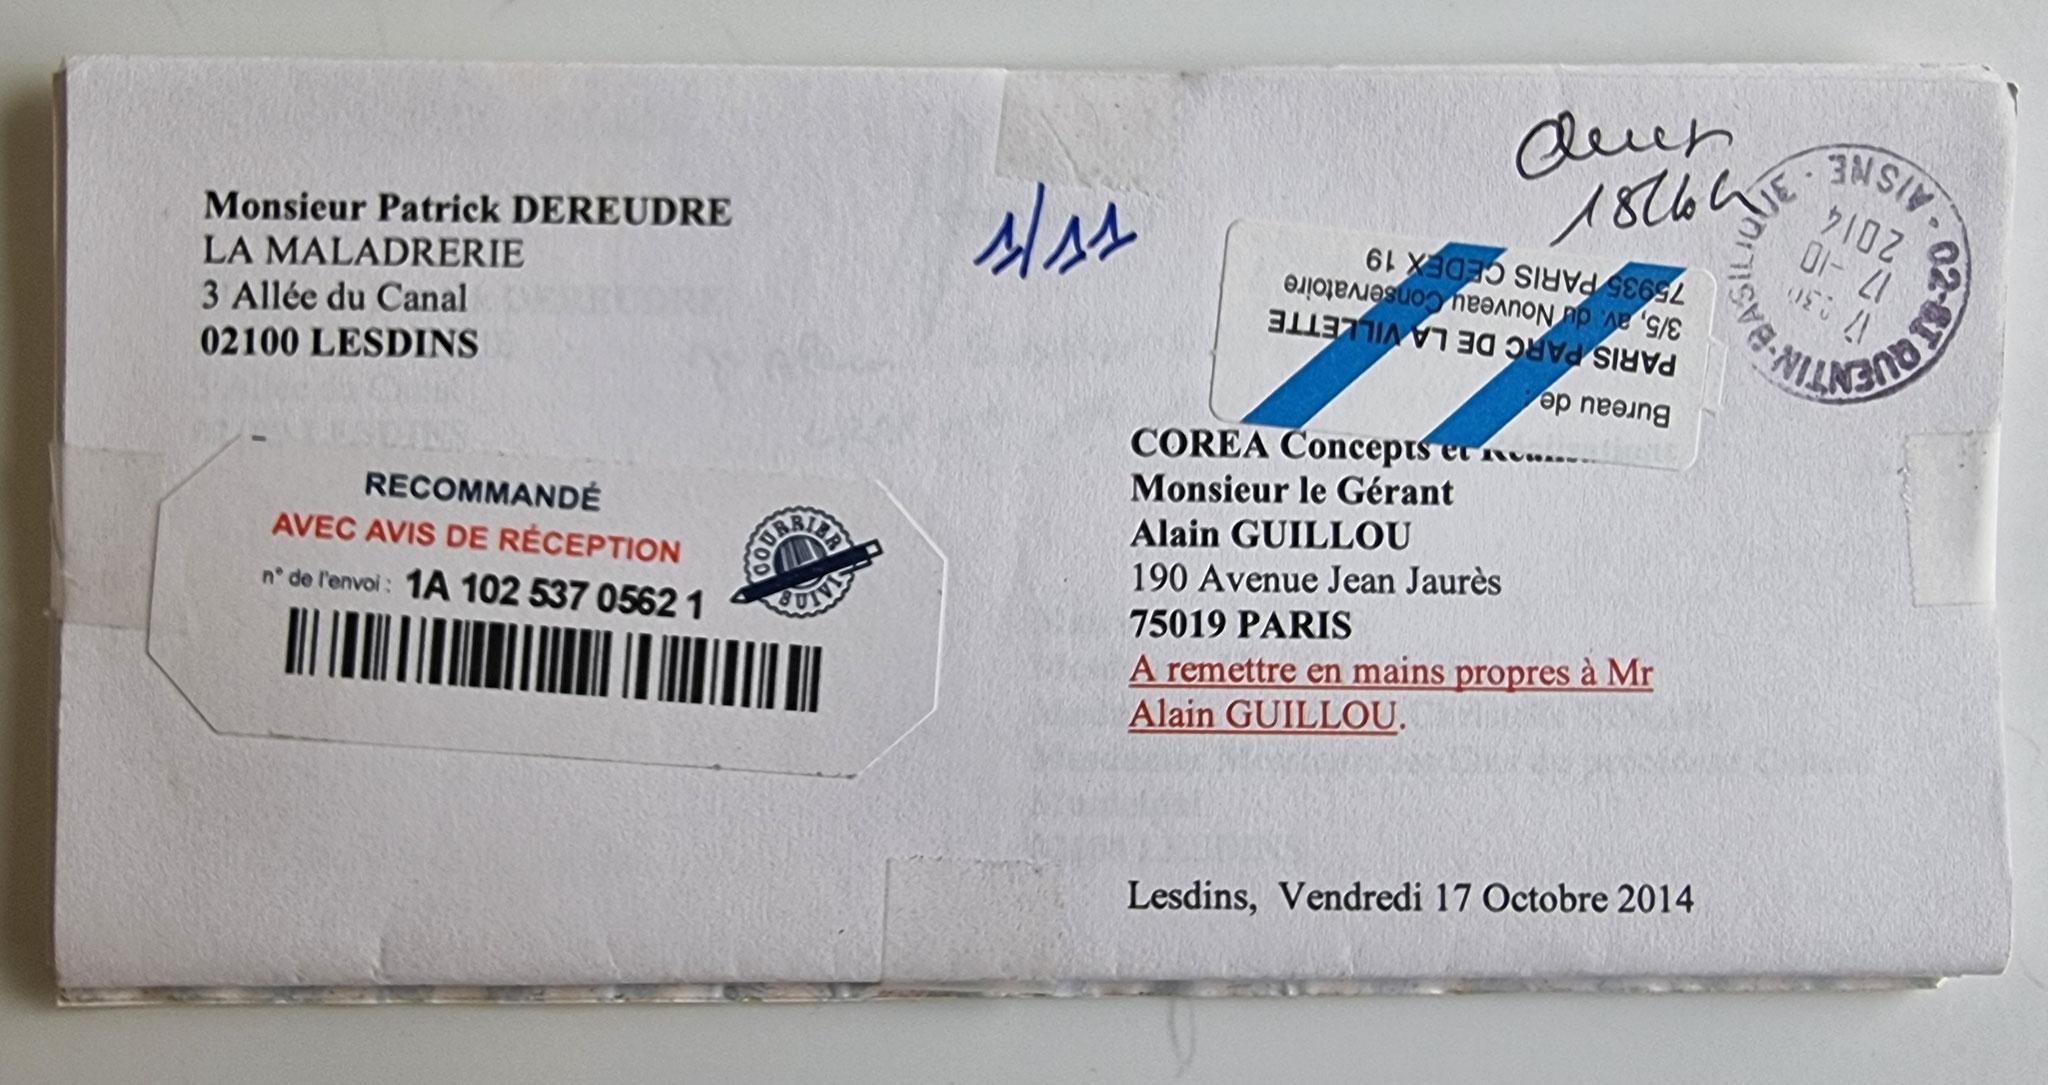 AFFAIRE MES CHERS VOISINS   Le Vendredi 17 Octobre 2014,  j'adresse une LRAR N0 1A 102 537 0562 1 de onze pages en couleurs à la Société COREA Gérant Monsieur Alain GUILLOU  www.jenesuispasunchien.fr www.jesuispatrick.fr www.jesuisvictime.fr